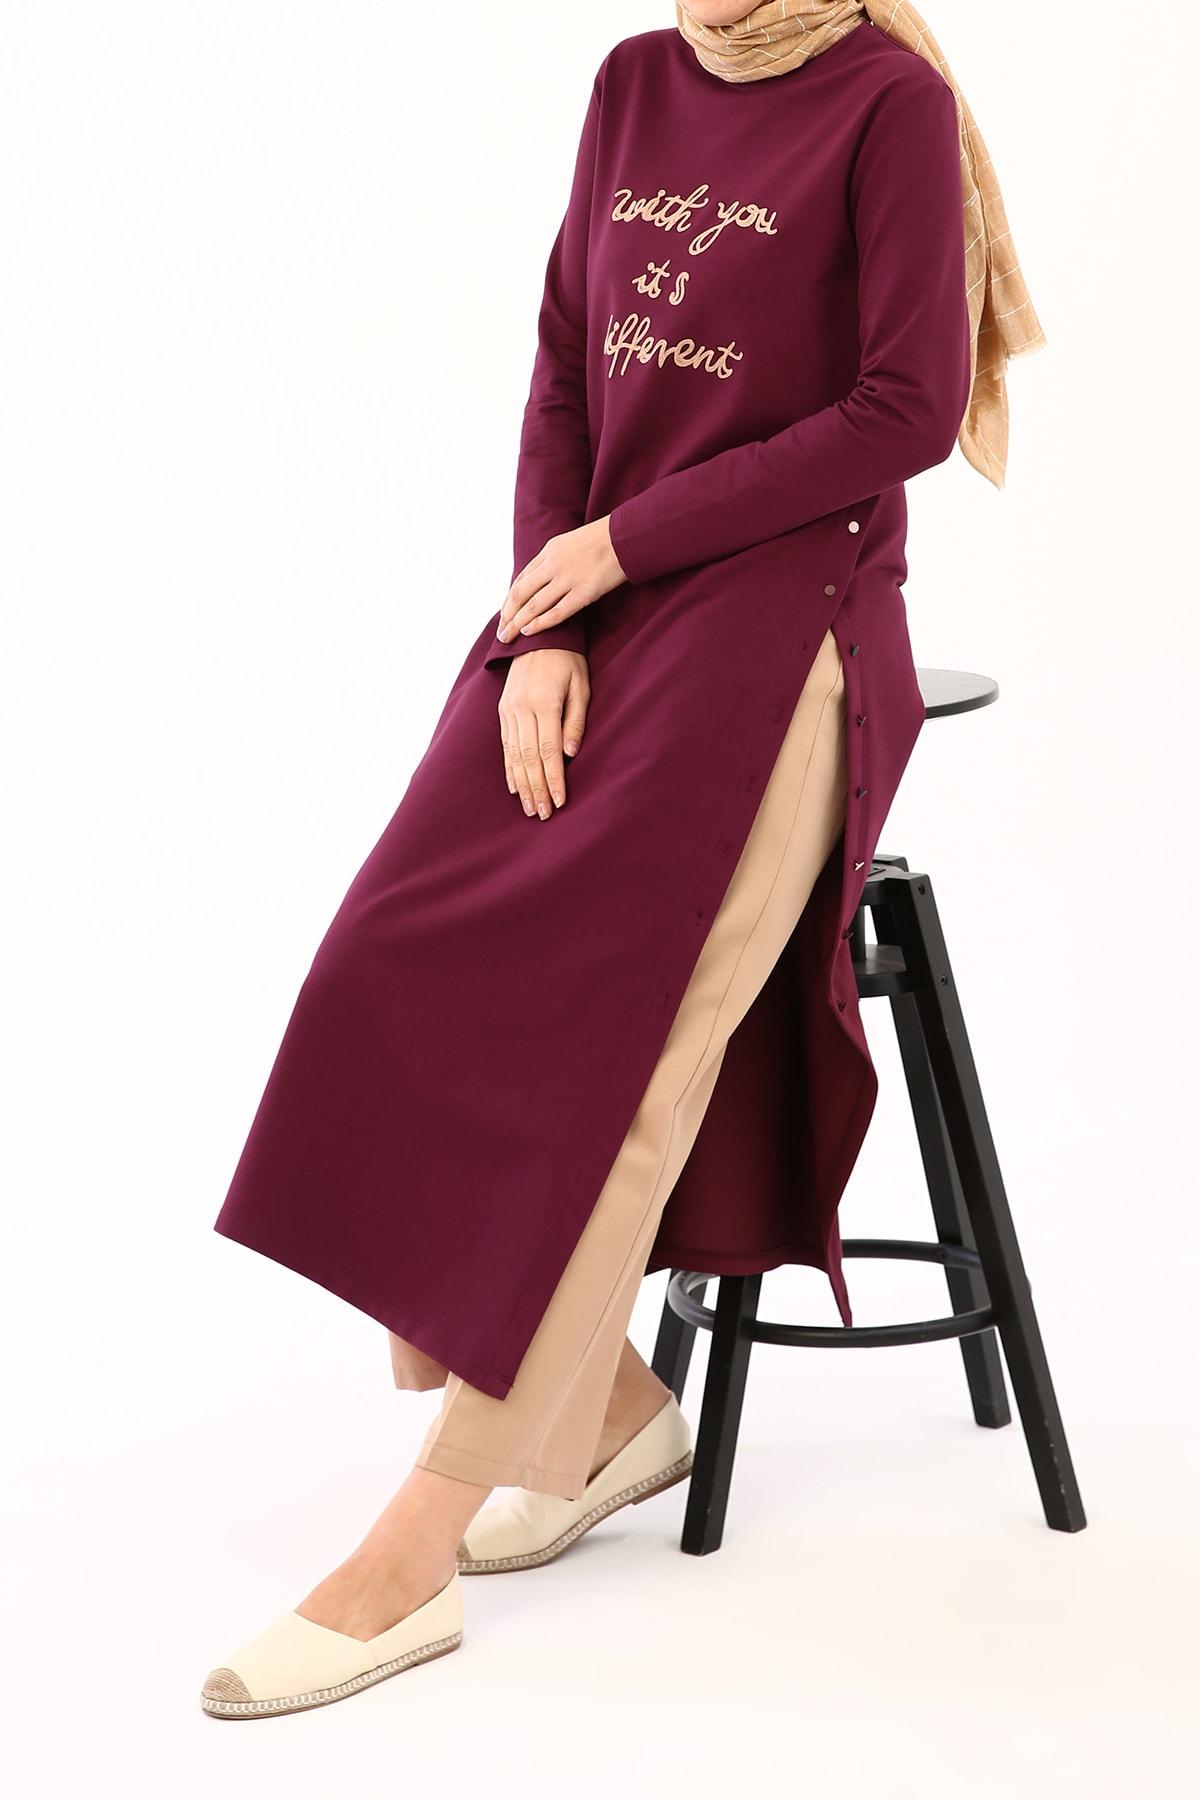 Kadın Gül Kurusu Nakışlı Renkli Düğmeli Elbise Tunik